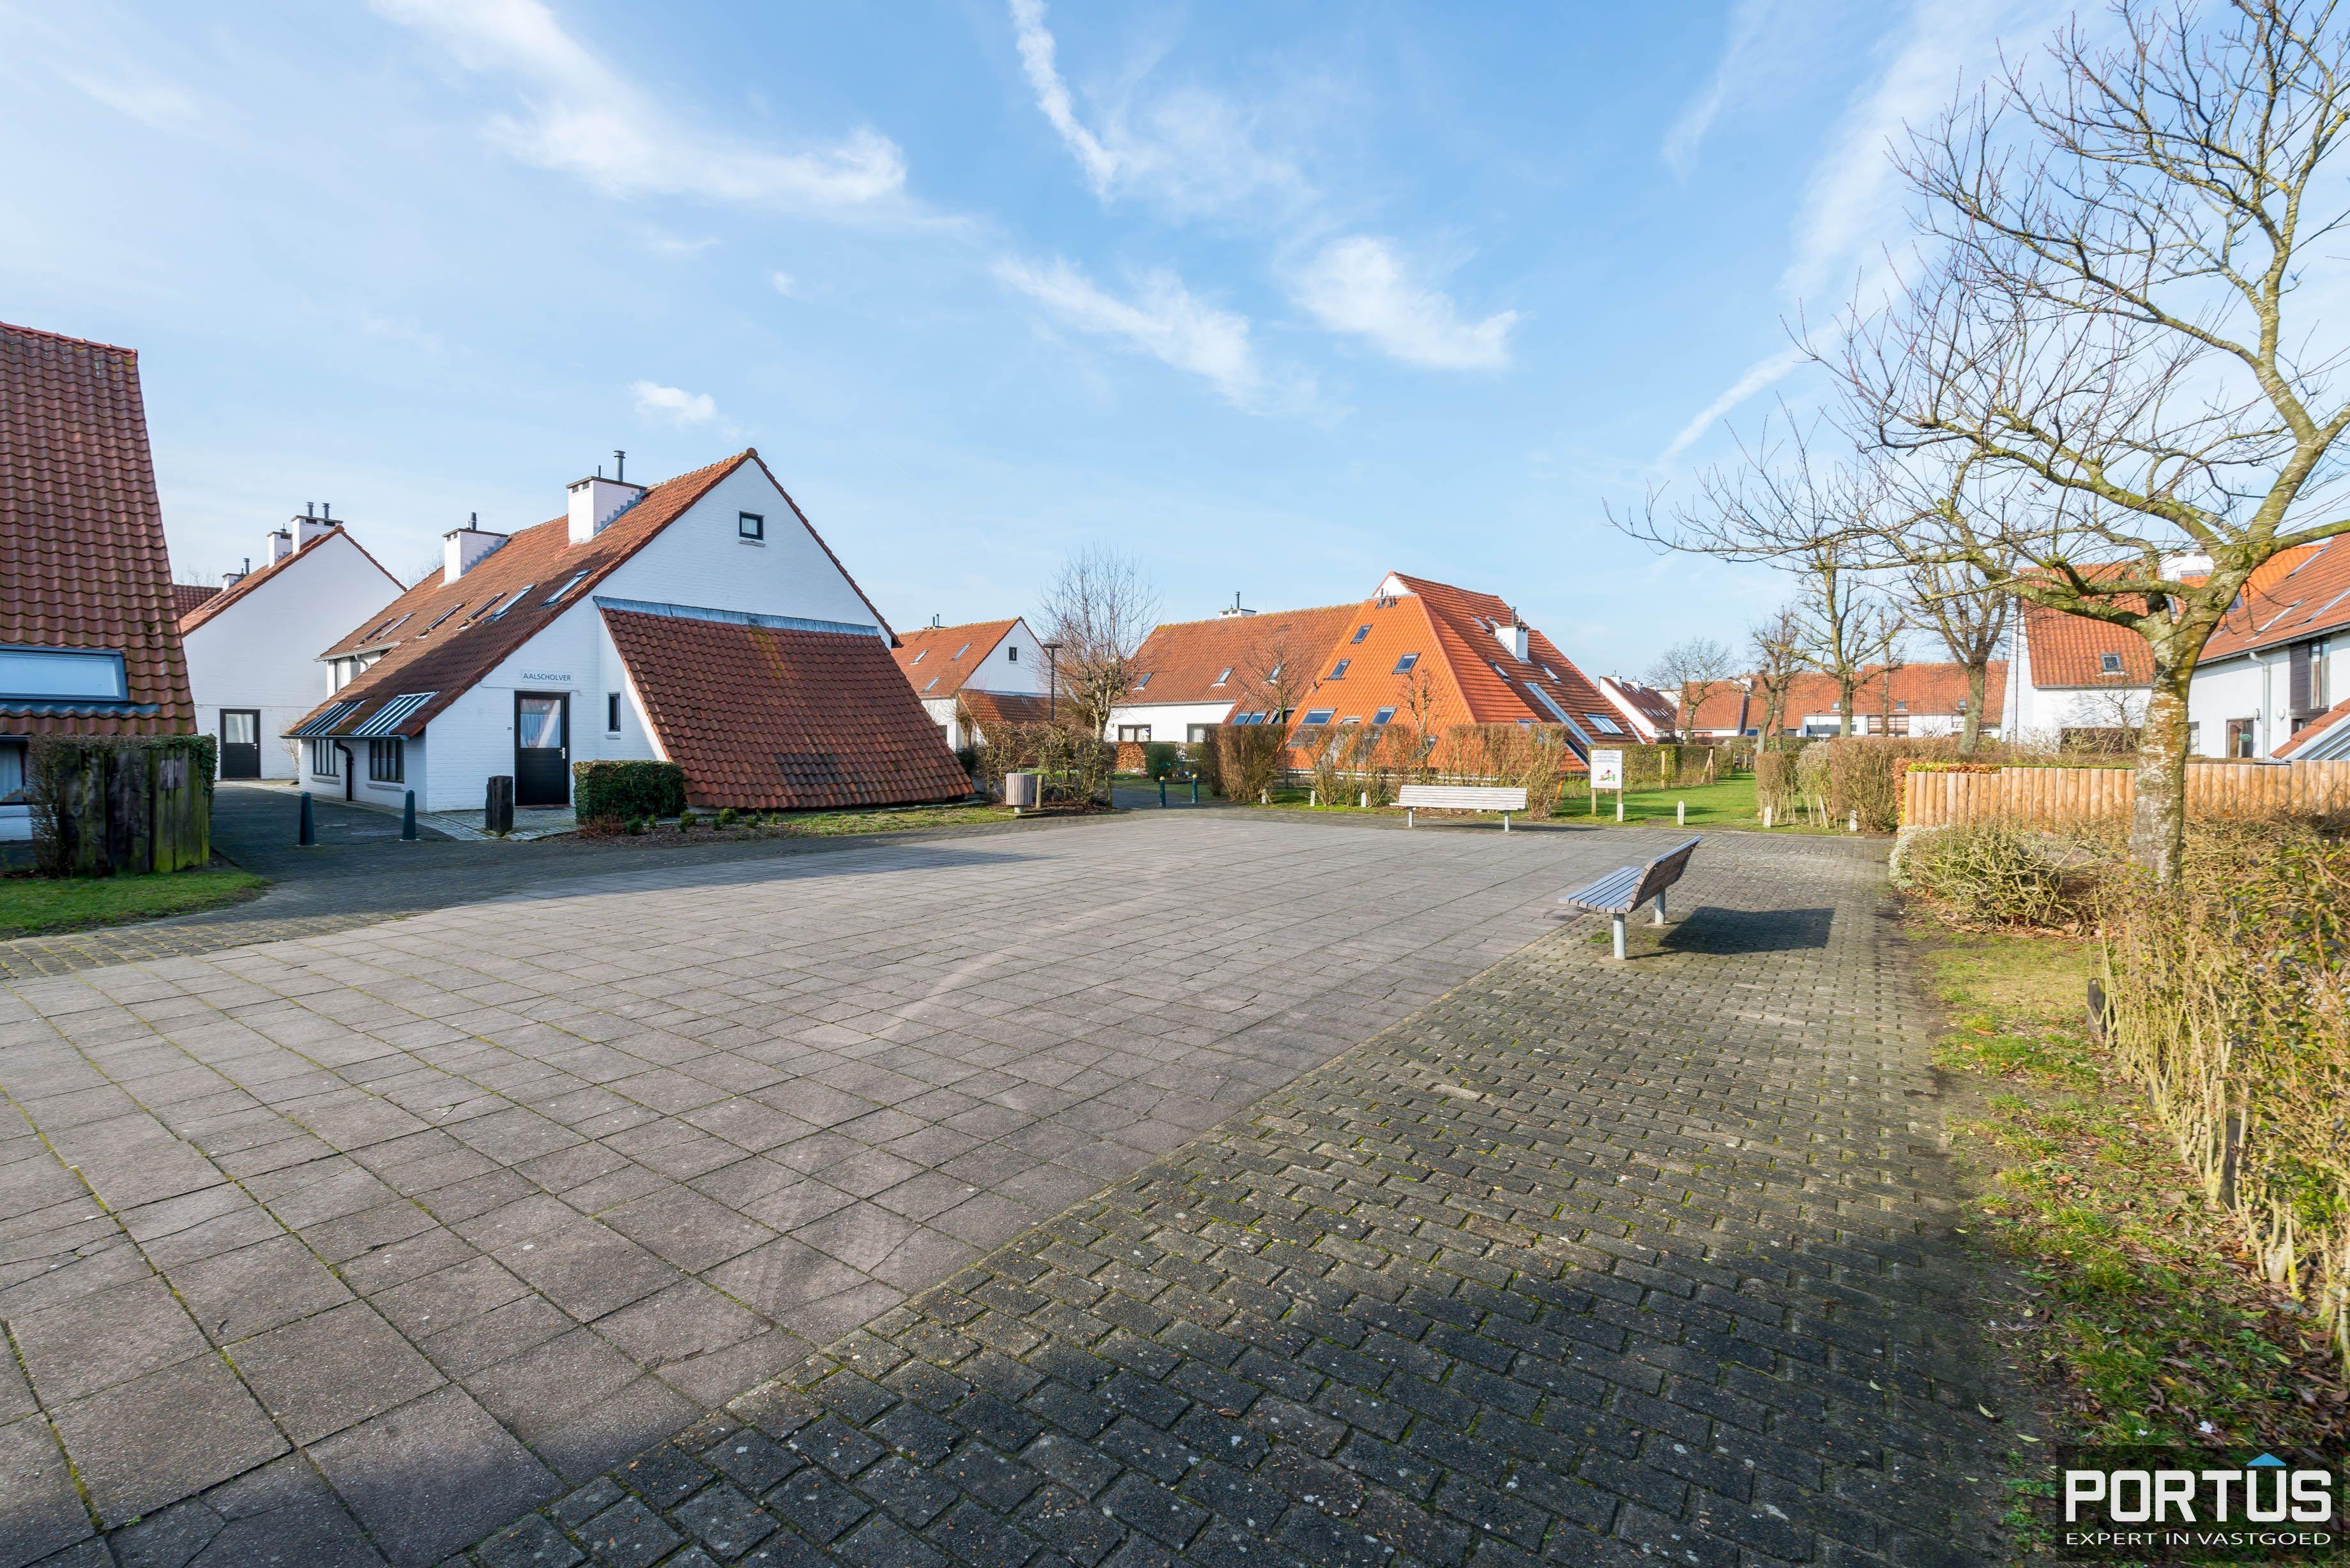 Woning te koop Nieuwpoort 4 slaapkamers en parking - 5599